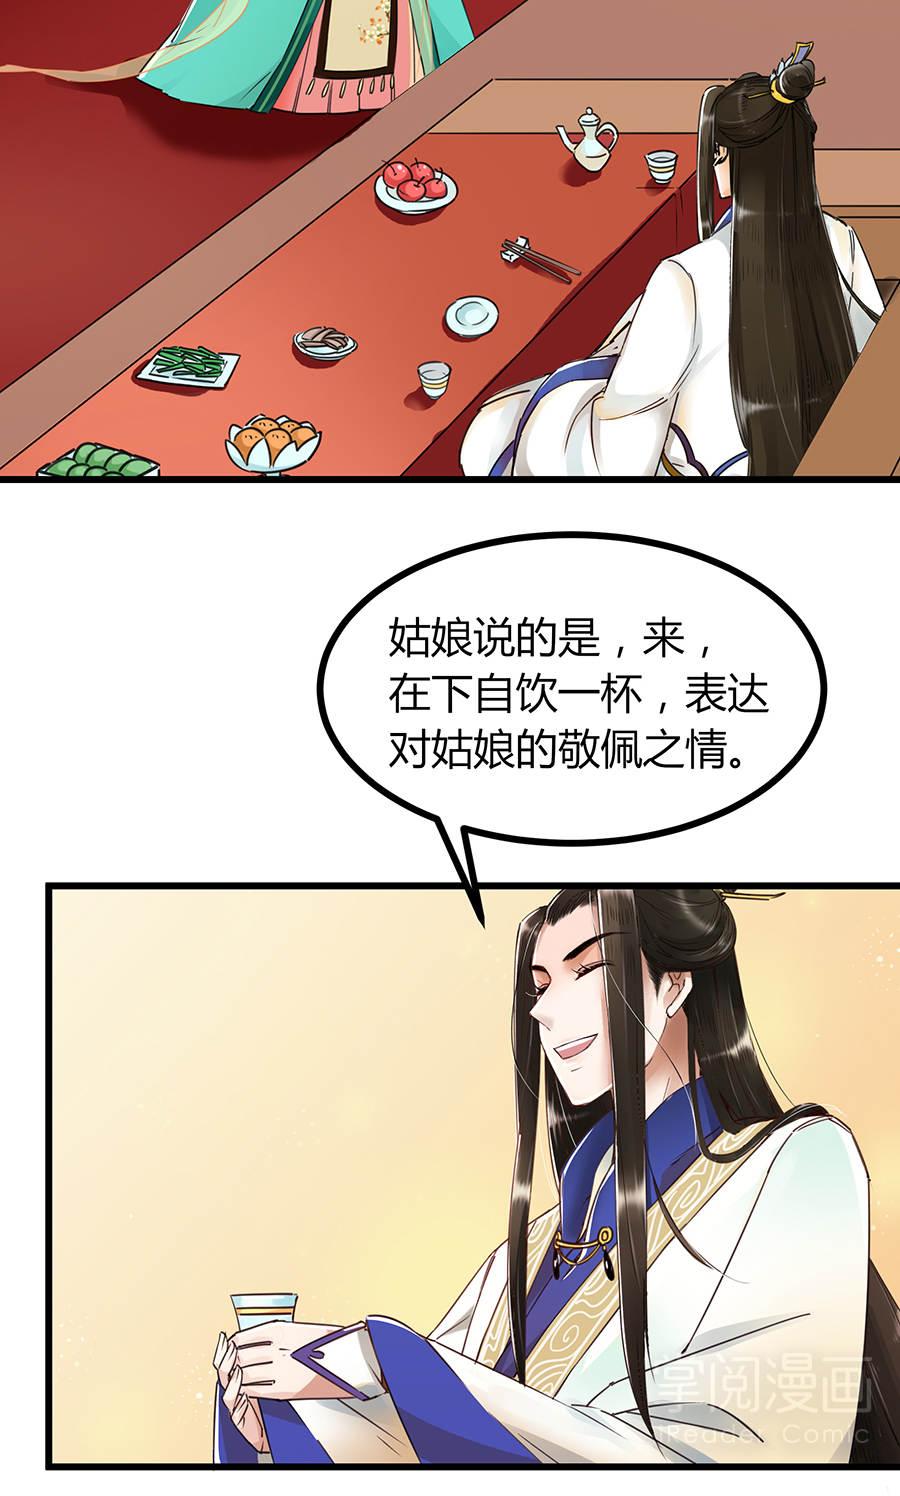 晚唐烟华第3话  浅云侍客 第 21